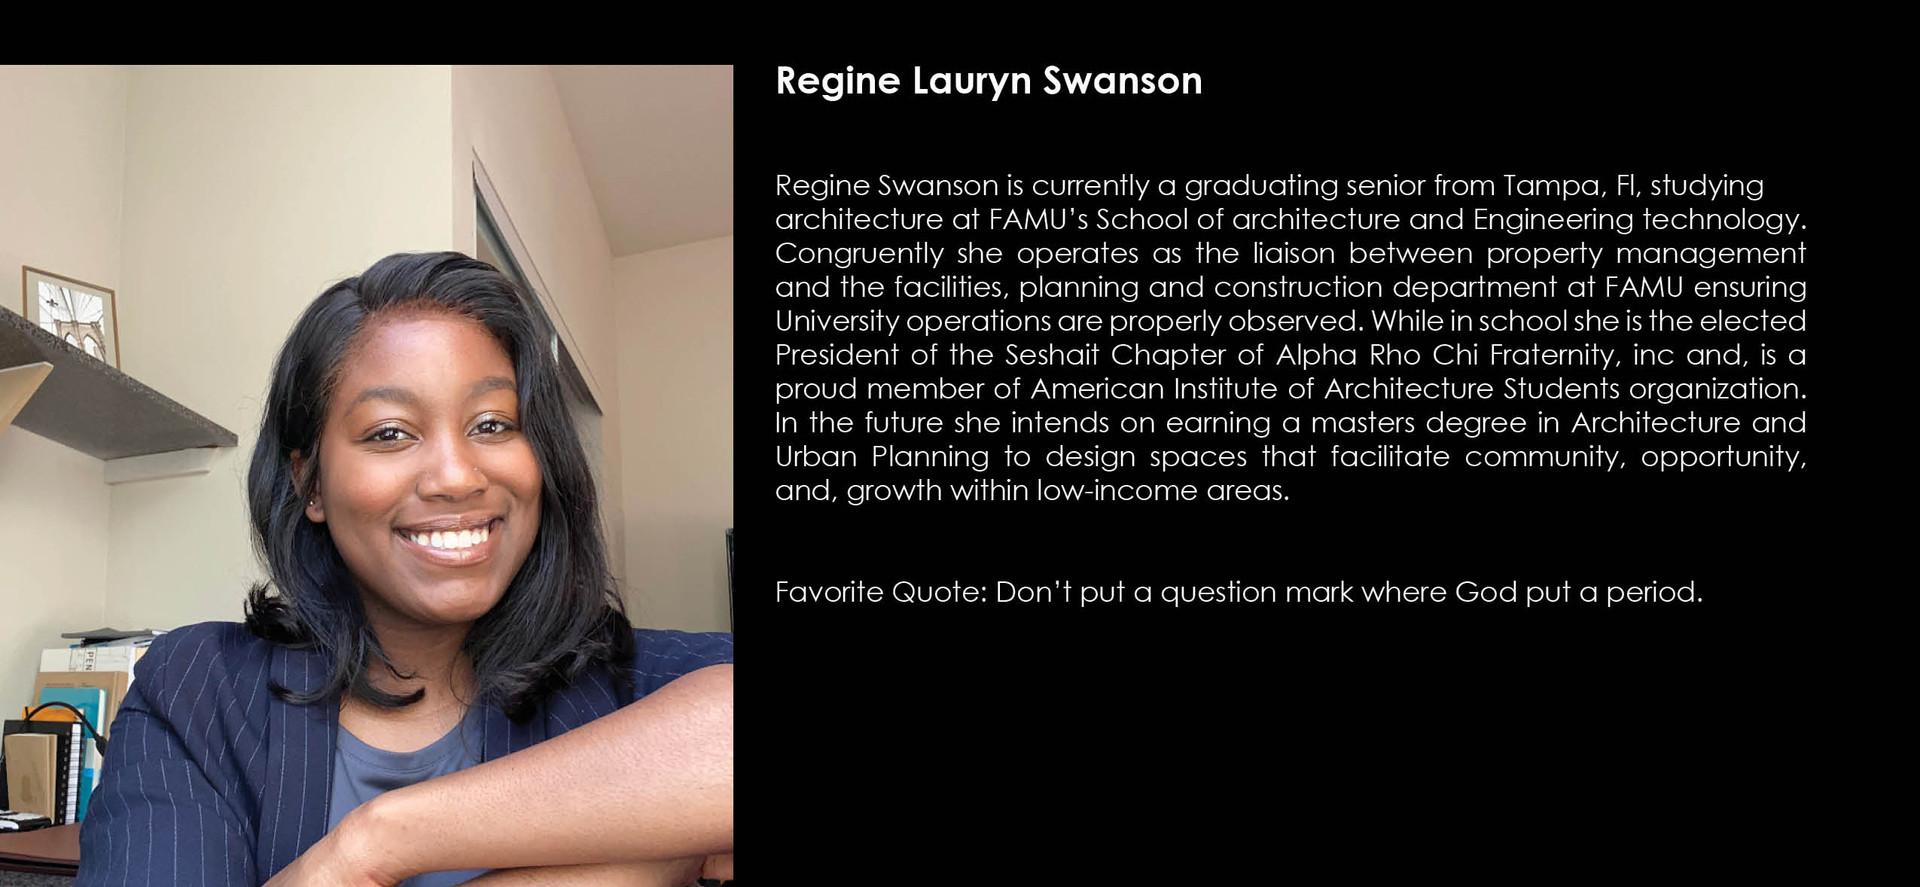 Regine Lauryn Swanson